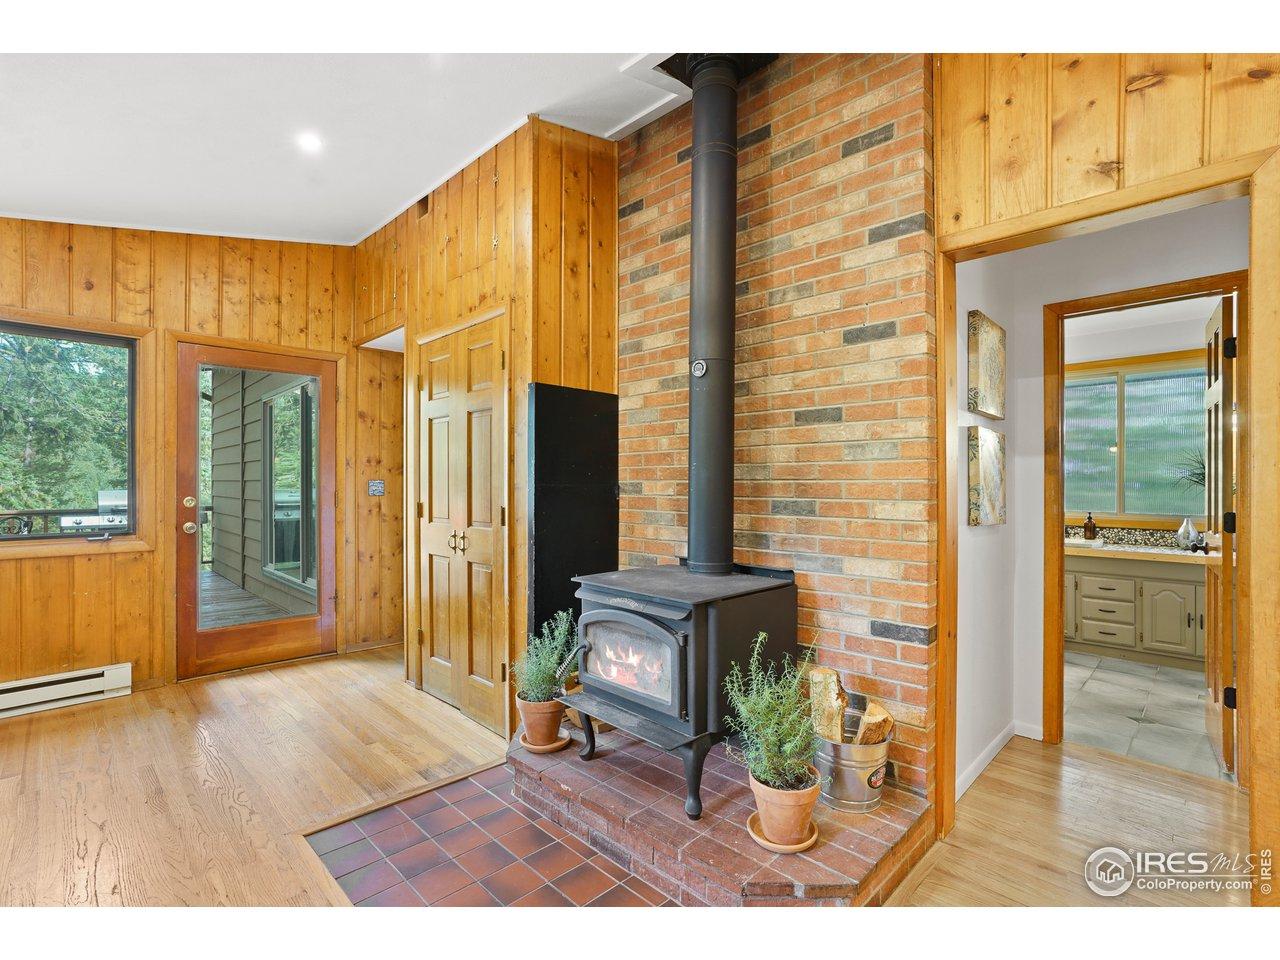 Wood Floors in Main Living Areas